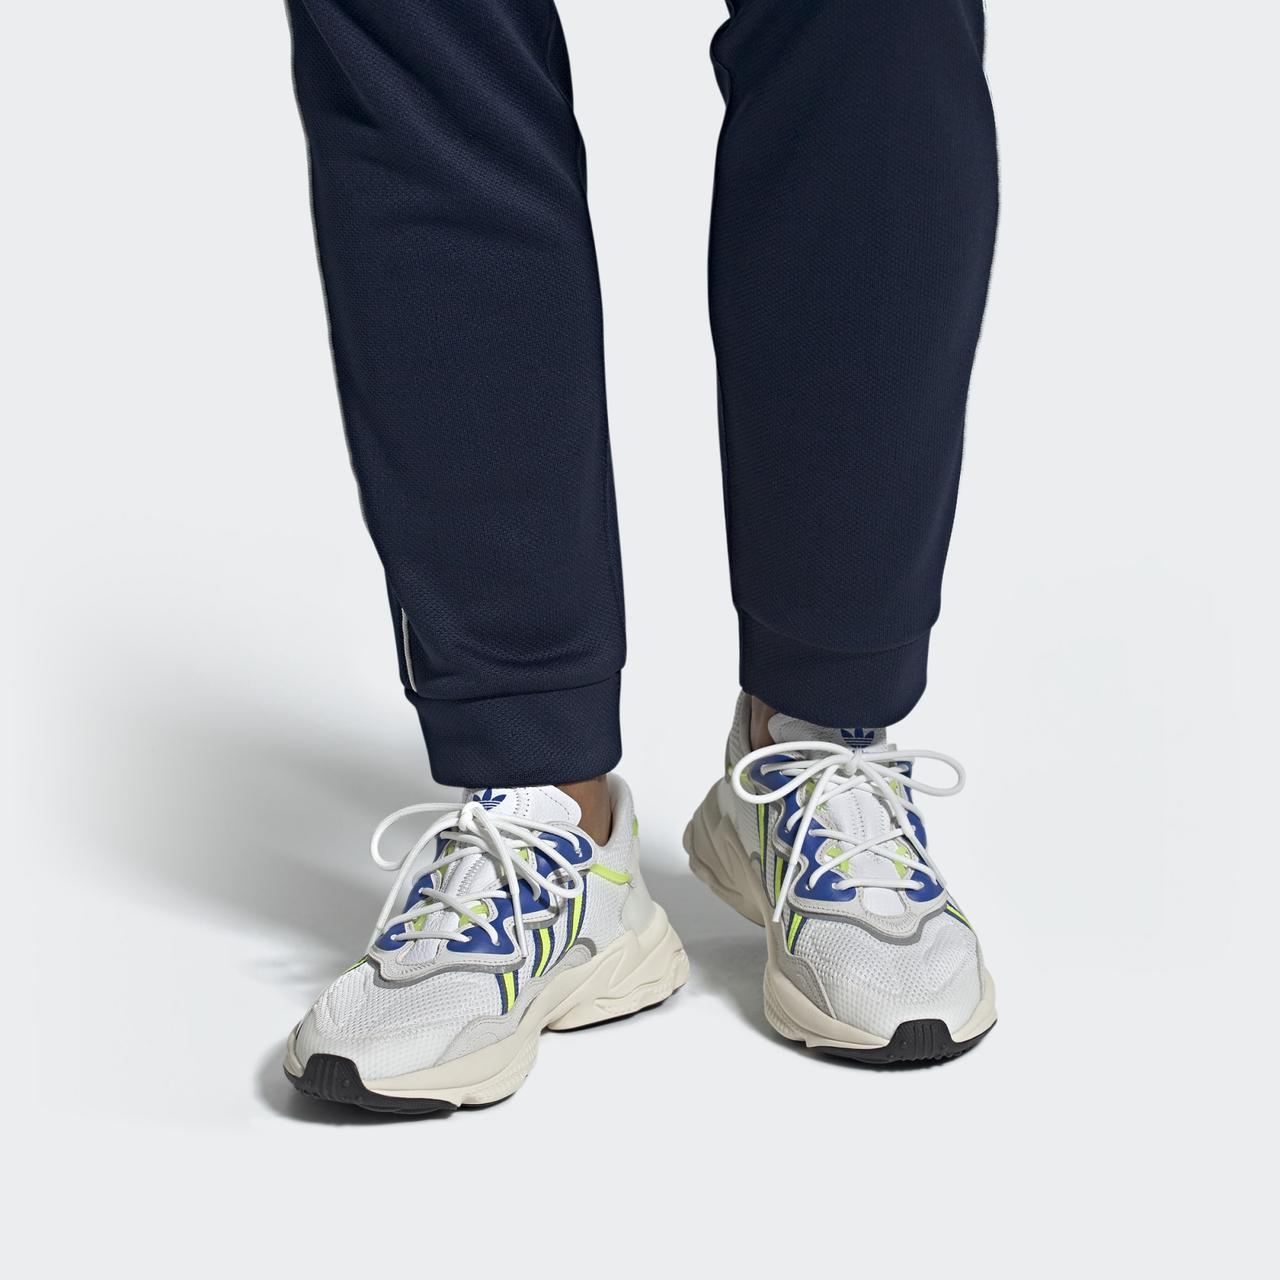 Adidas OZWEEGO EE7009 Оригинальные белые мужские кроссовки